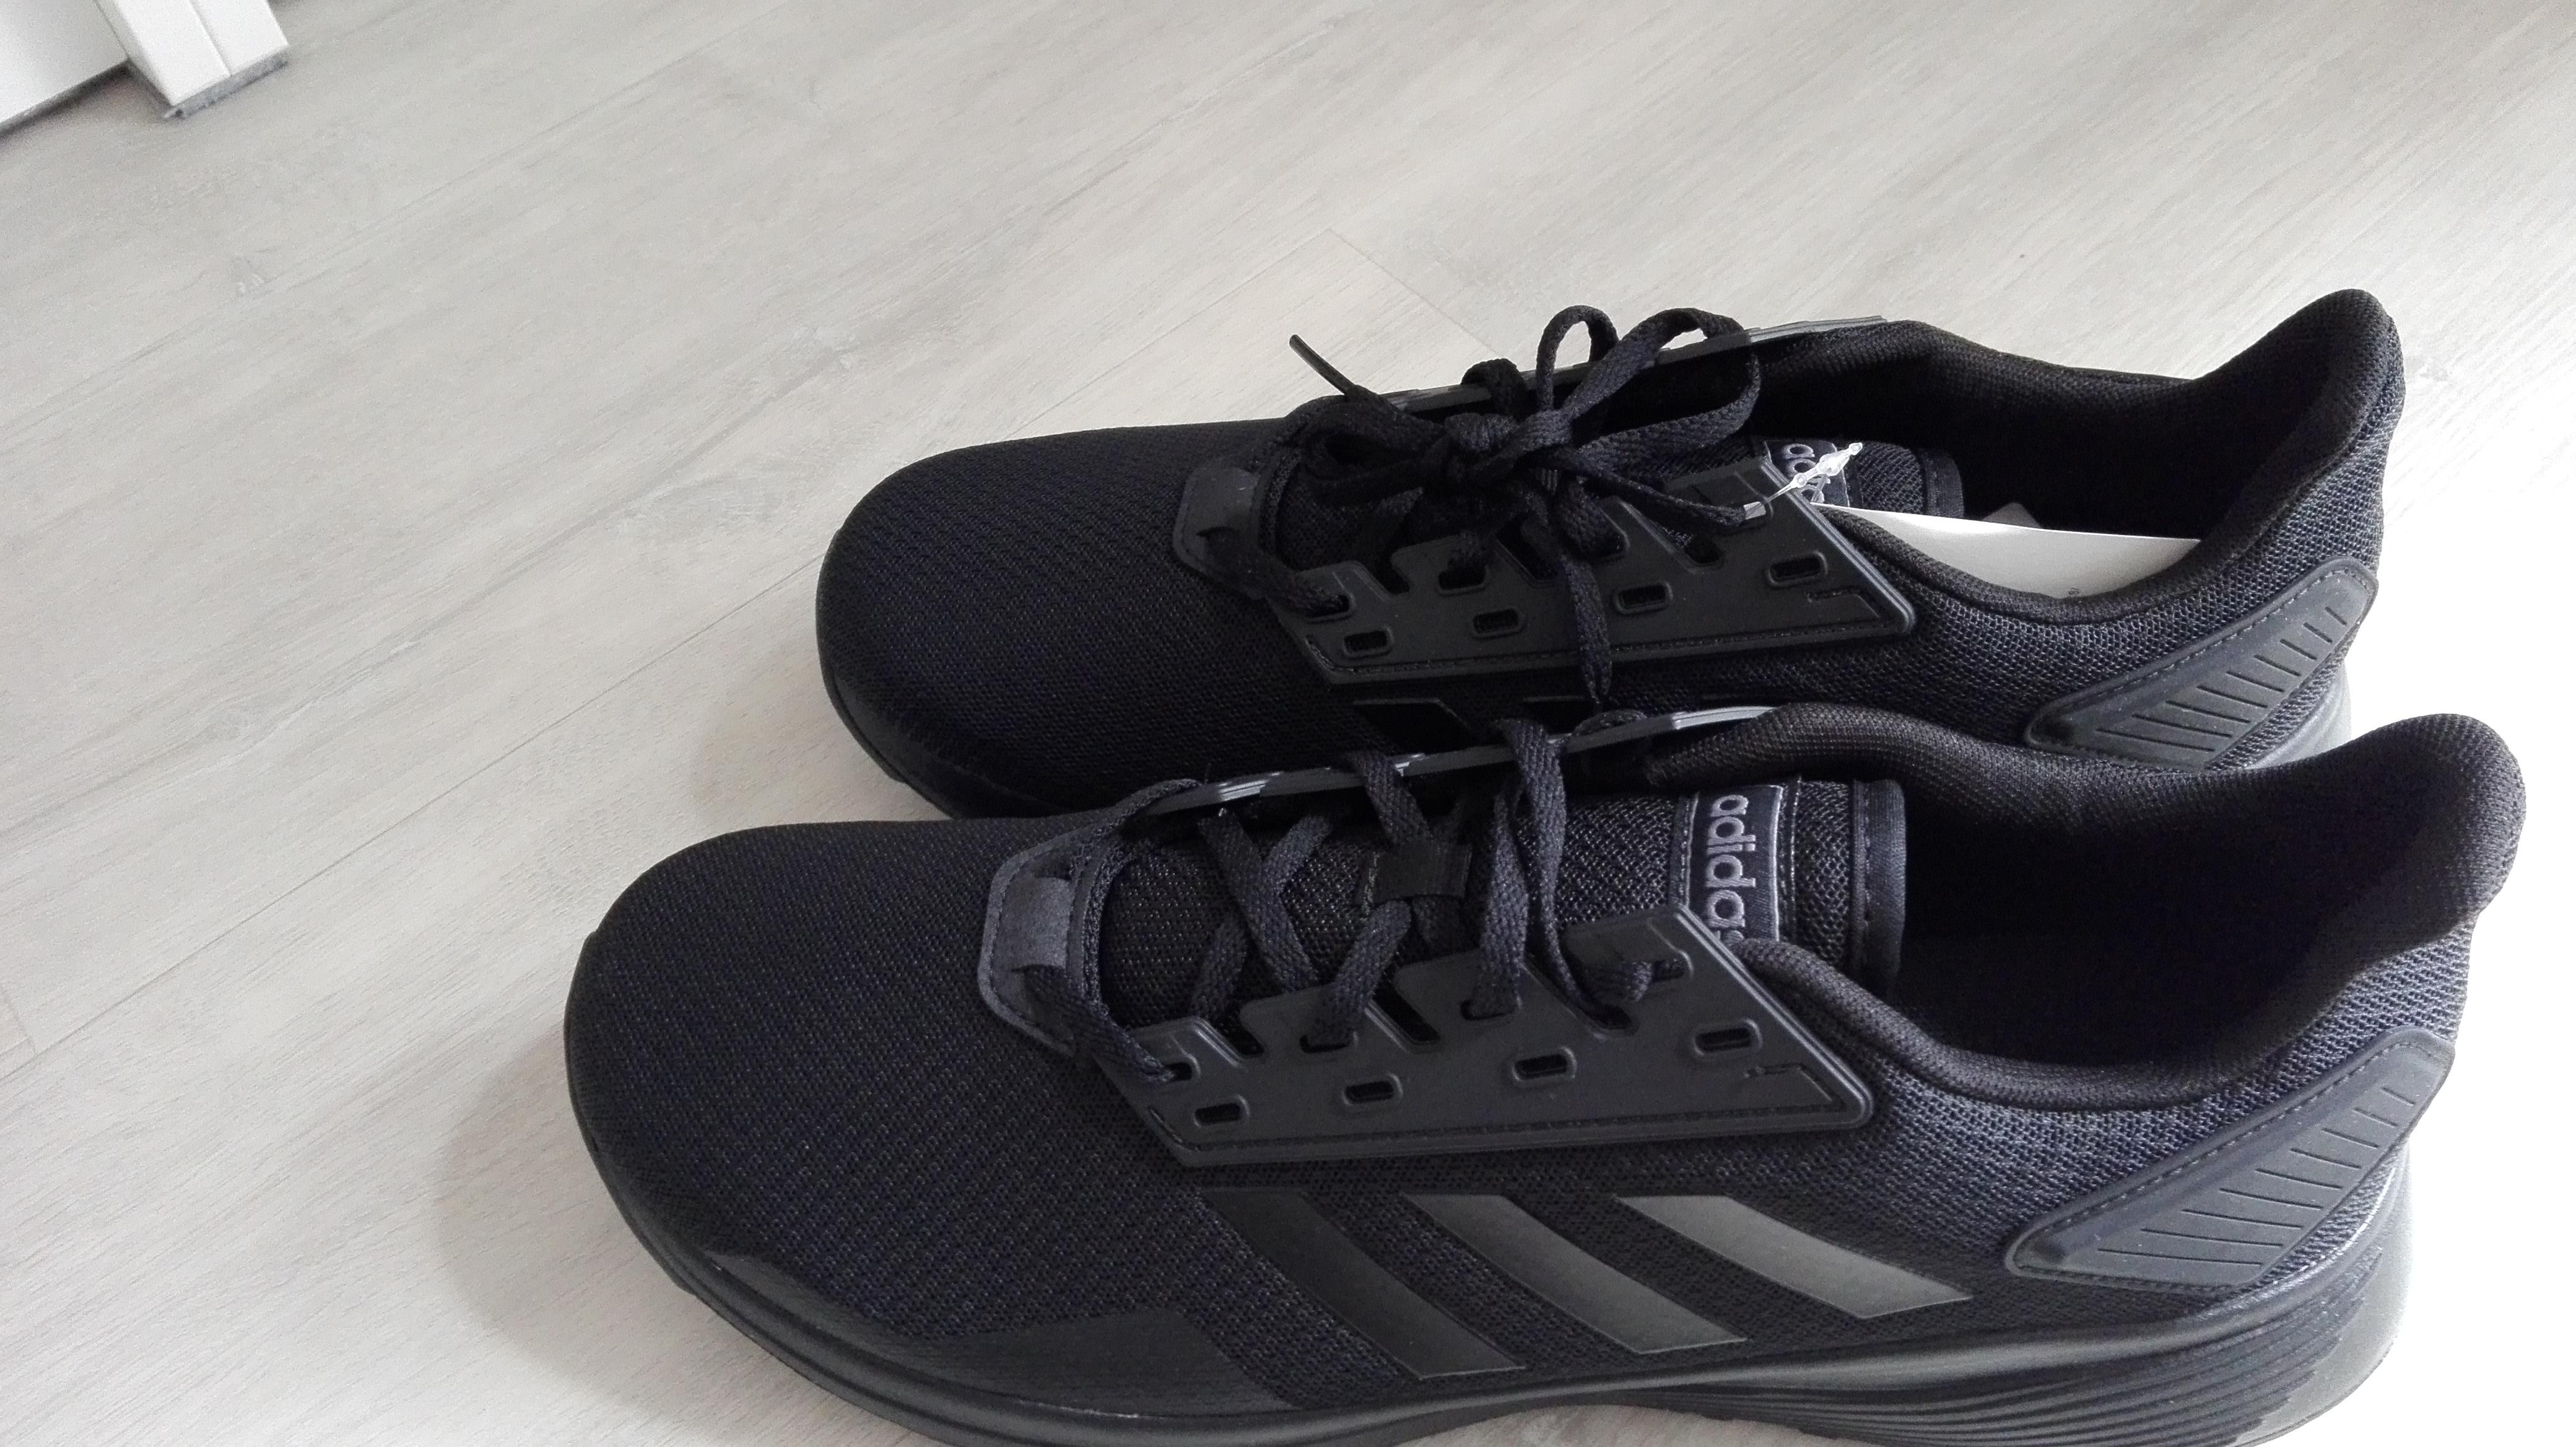 Bild Nummer 2 von Adidas Duramo 9